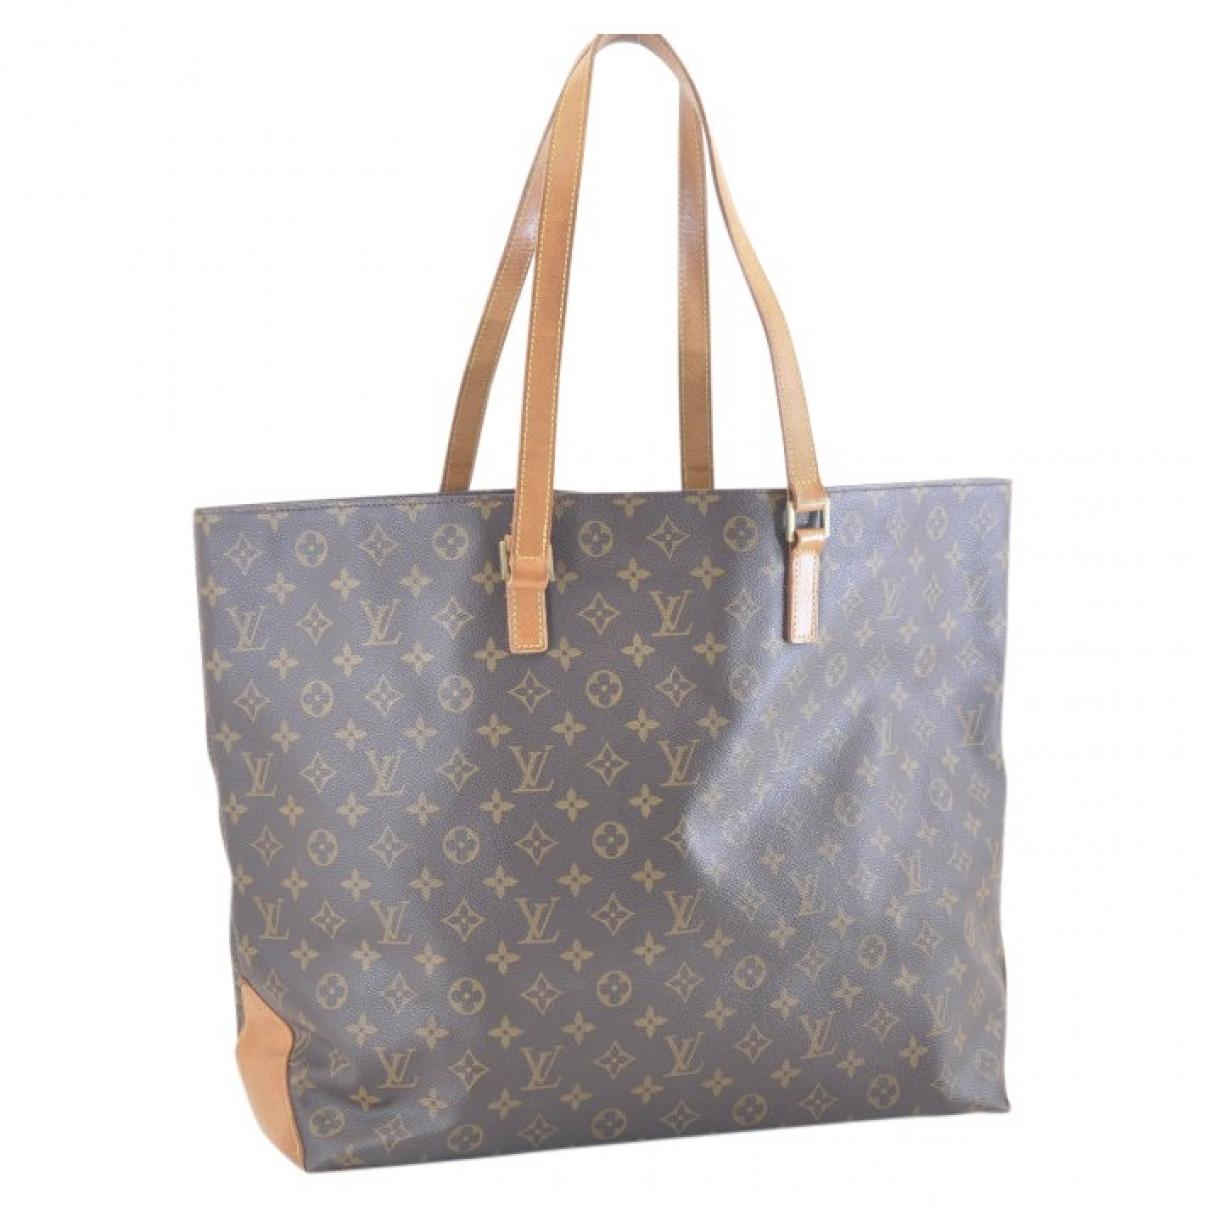 Louis Vuitton - Sac a main Alto pour femme en toile - marron